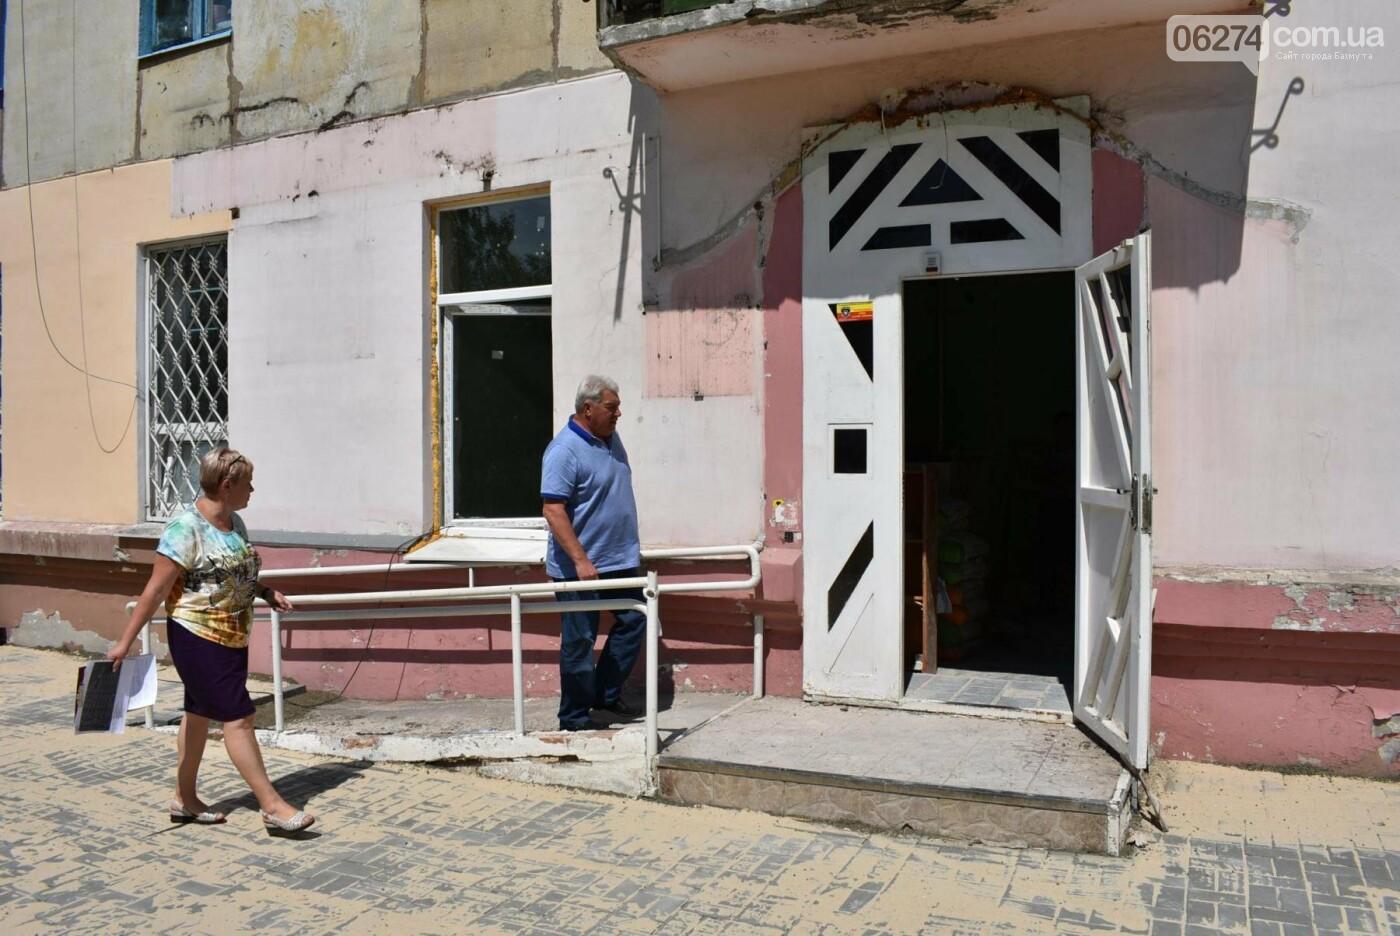 Мэр Бахмута провел выездное совещание на улицах частного сектора города, фото-15